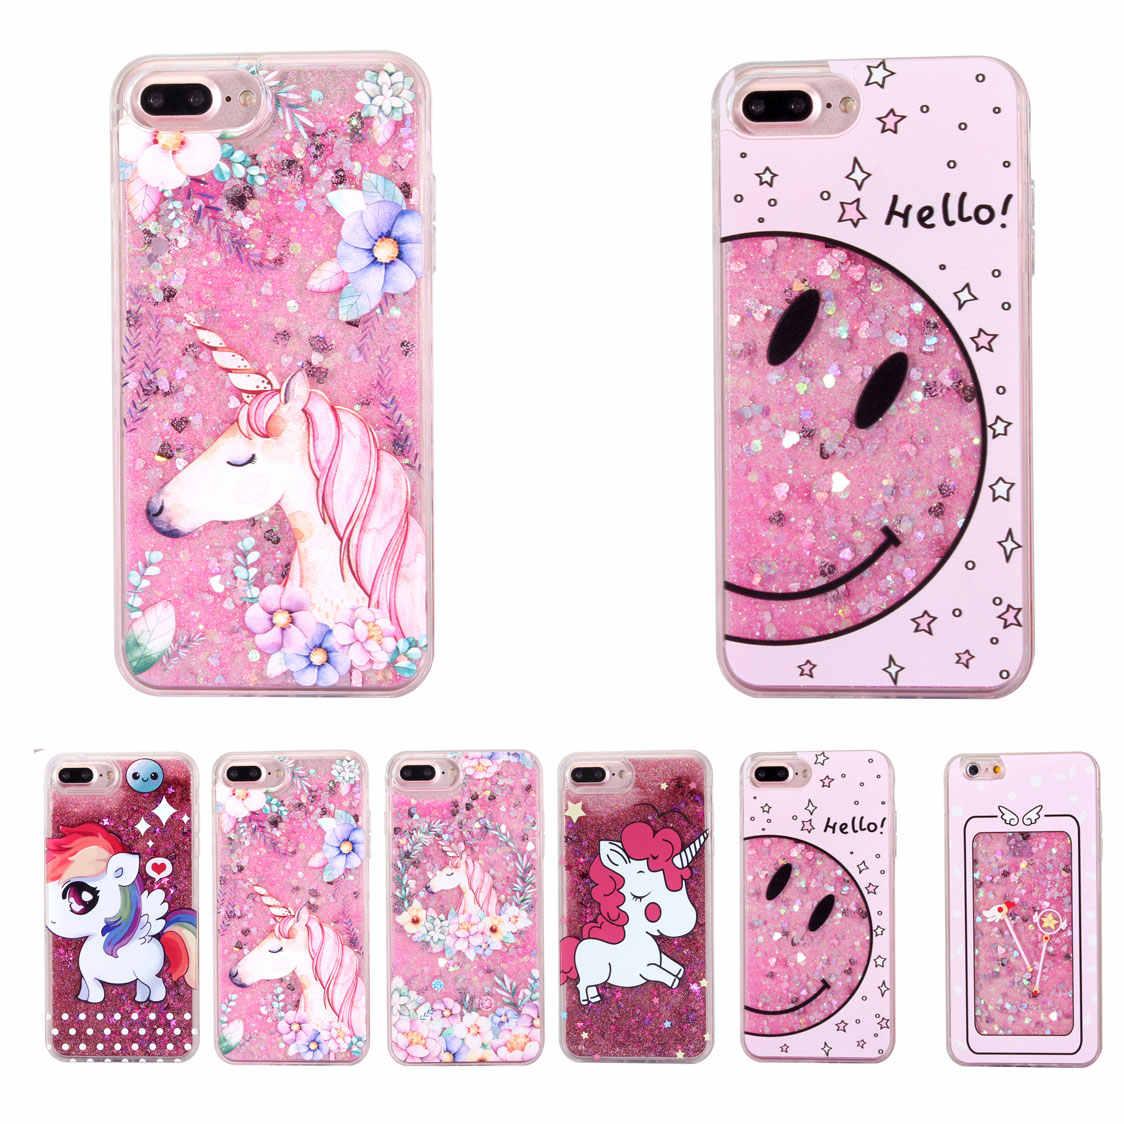 Rainbow Unicorn Case for iPhone 6/6s/7